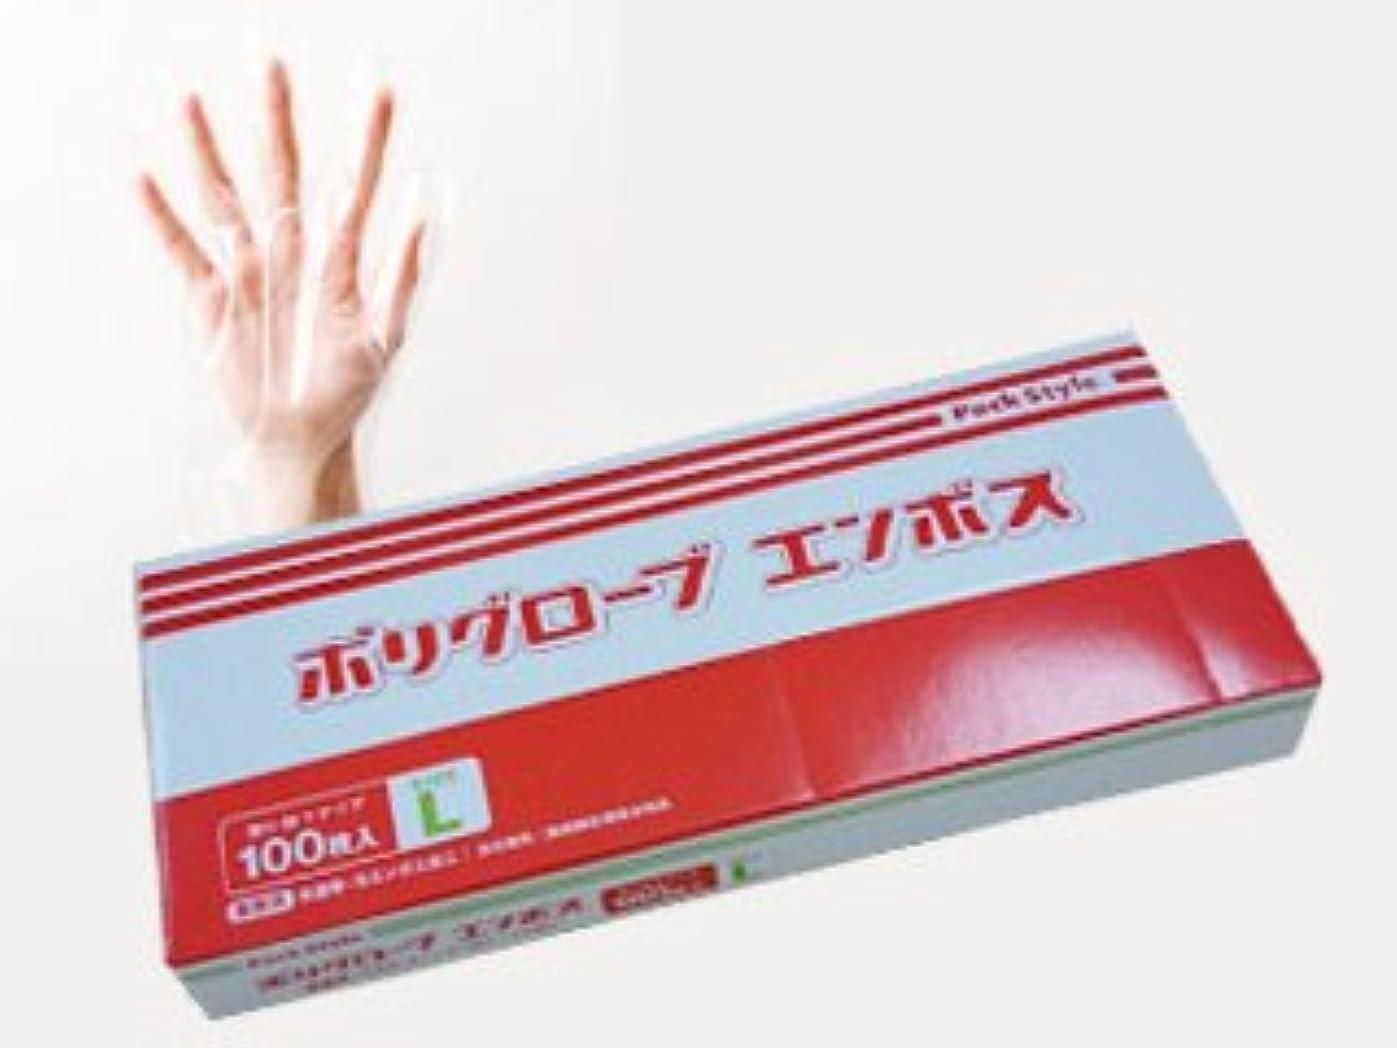 あそこクリップ蝶ランデブーパックスタイル 使い捨て ポリ手袋 半透明 箱入 L 100枚 437323